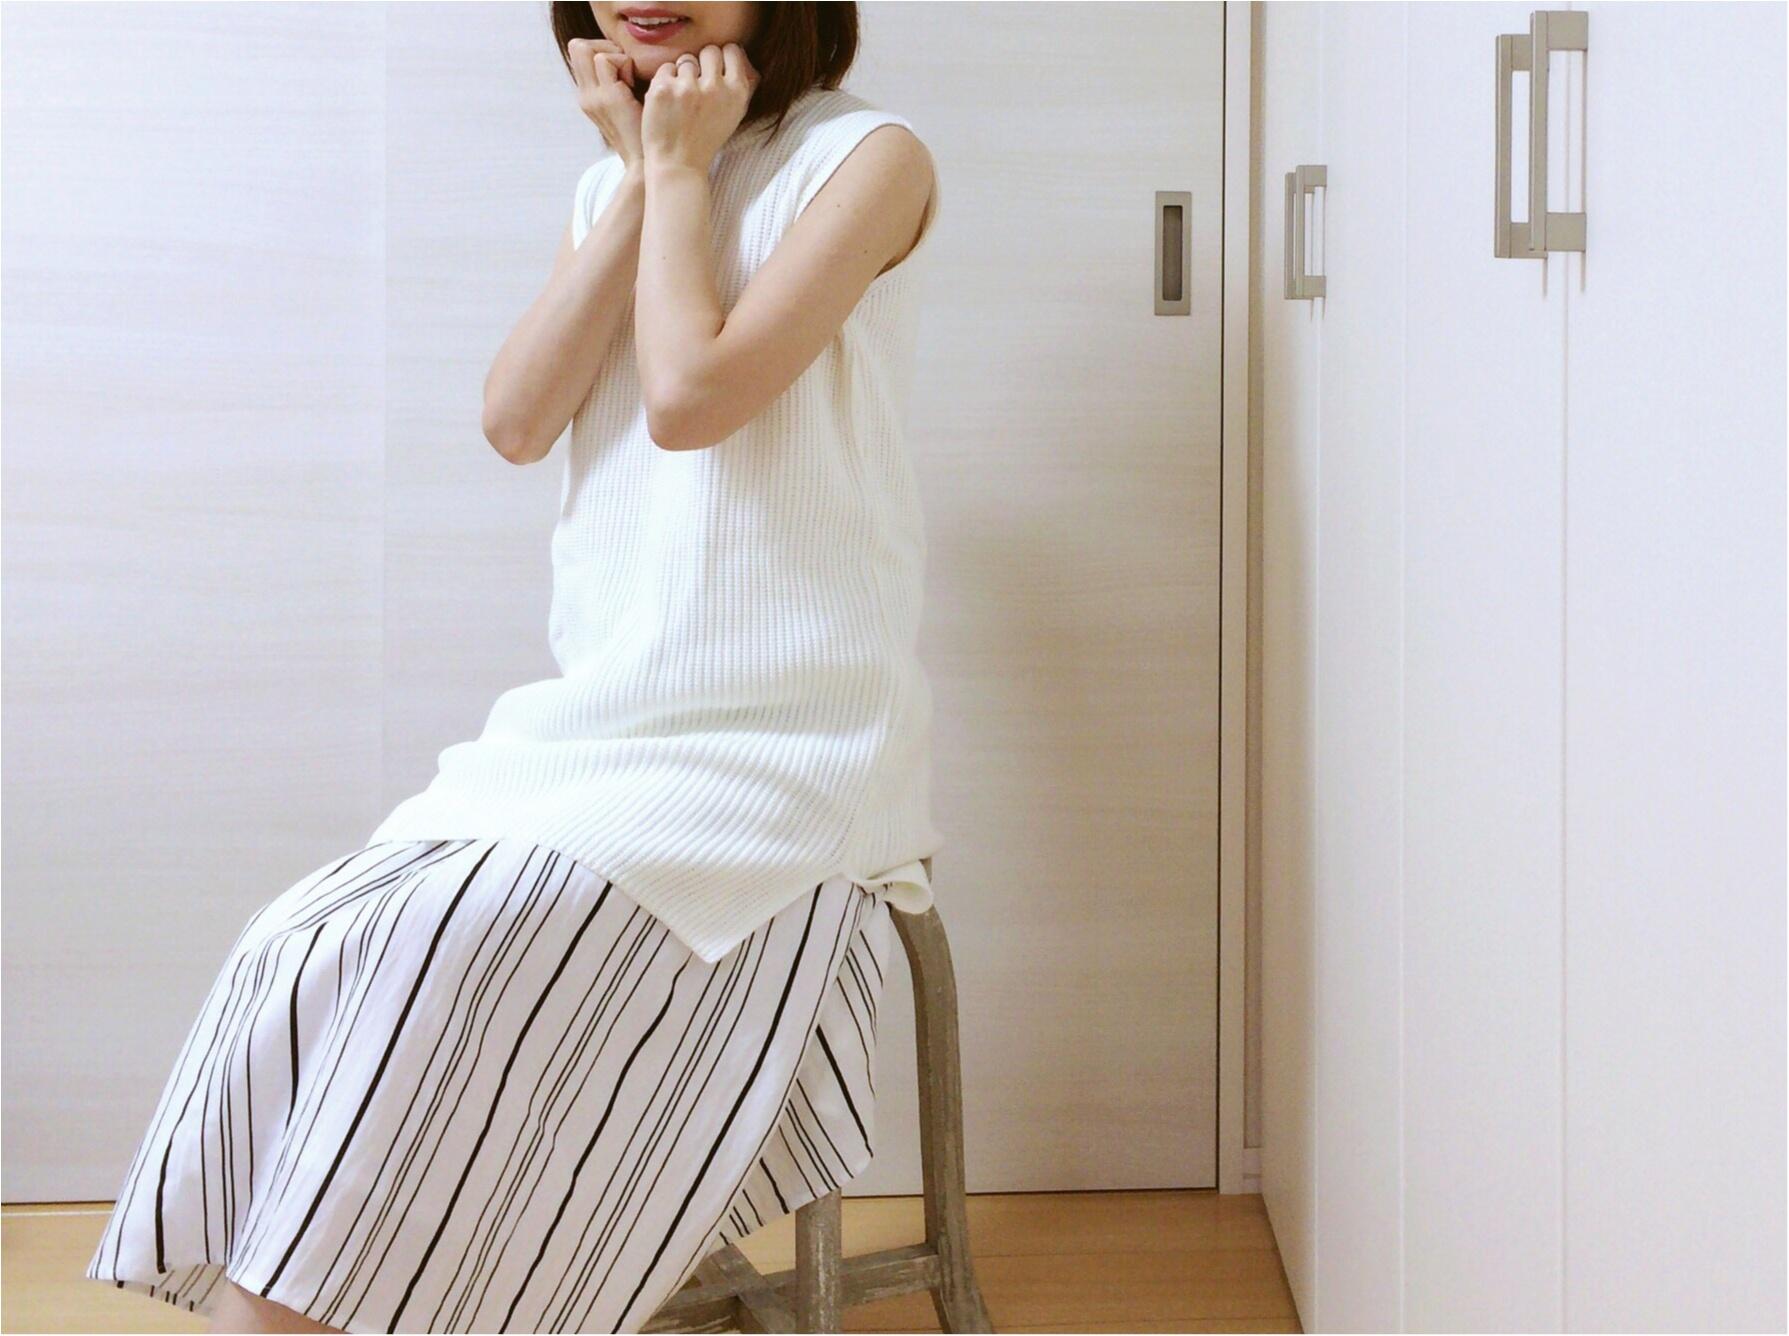 佐藤ありさコラボ服『FlowerDays』流行《ストライプ》リネン風スカートは着回しも着心地も楽チン!_8